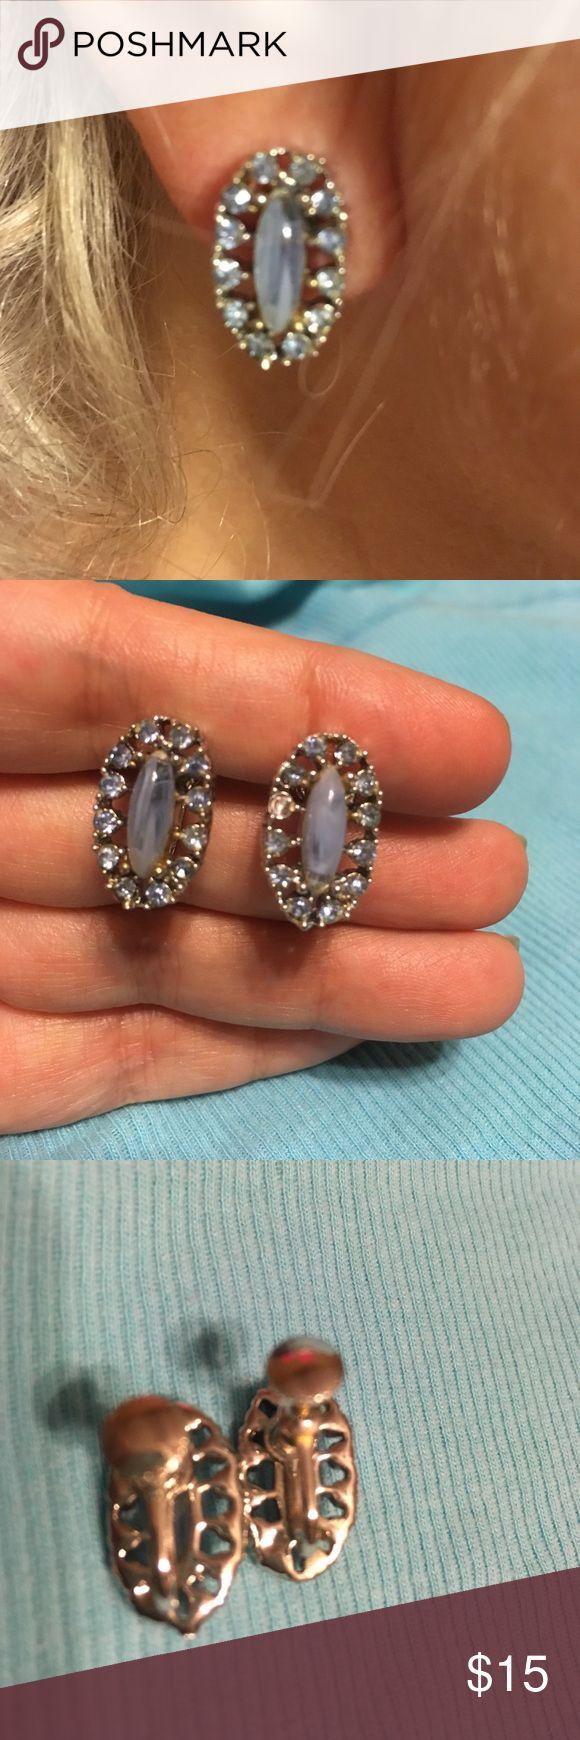 Vintage screw-back earrings Vintage moonstone look screwback earrings in Silvertone metal with blue rhinestones (one small rhinestone missing reflected in price ) Jewelry Earrings